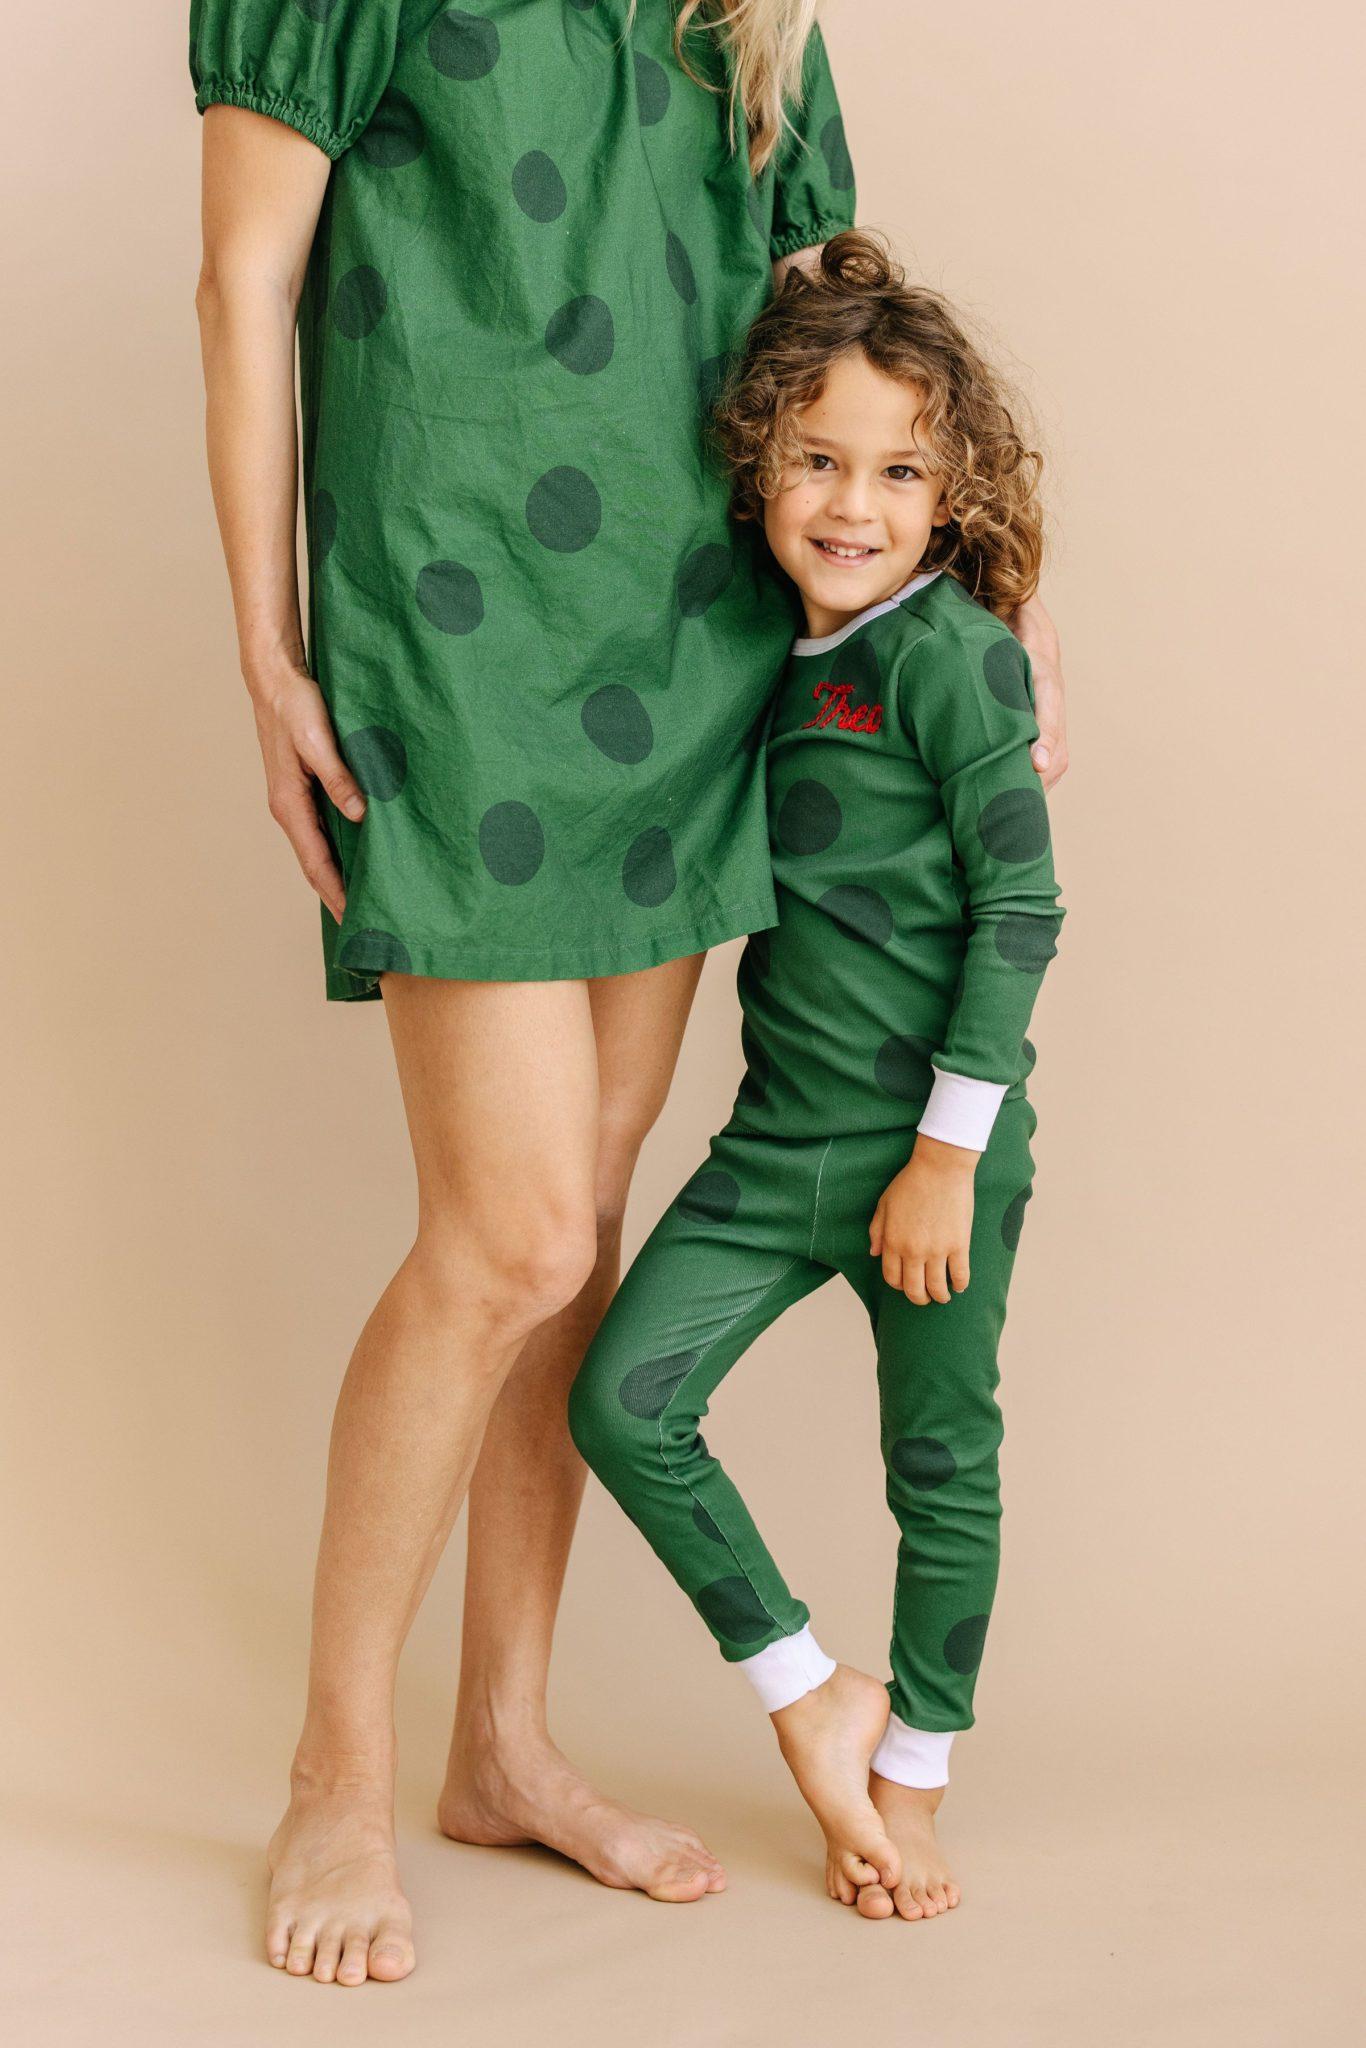 Matching Mom and Kid Christmas Pajamas